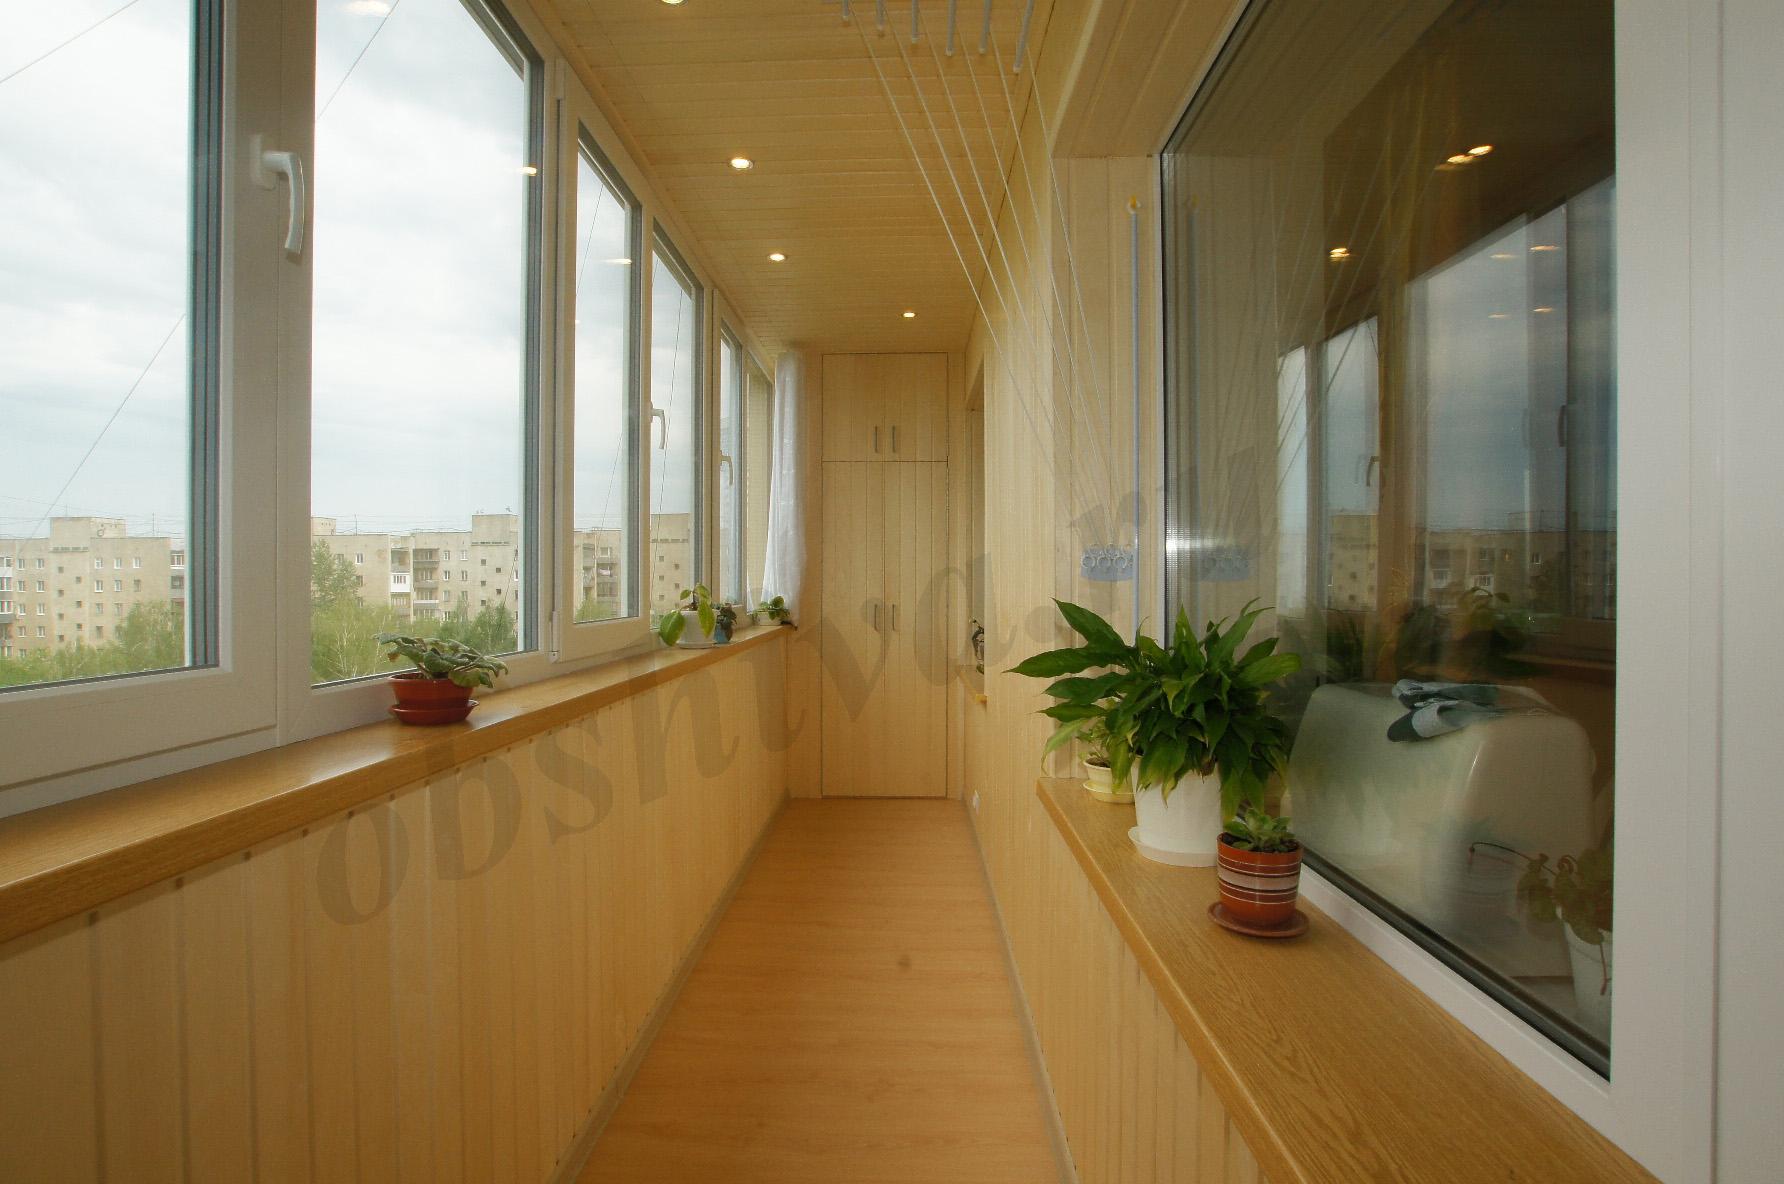 Балконы отделка фото москва.